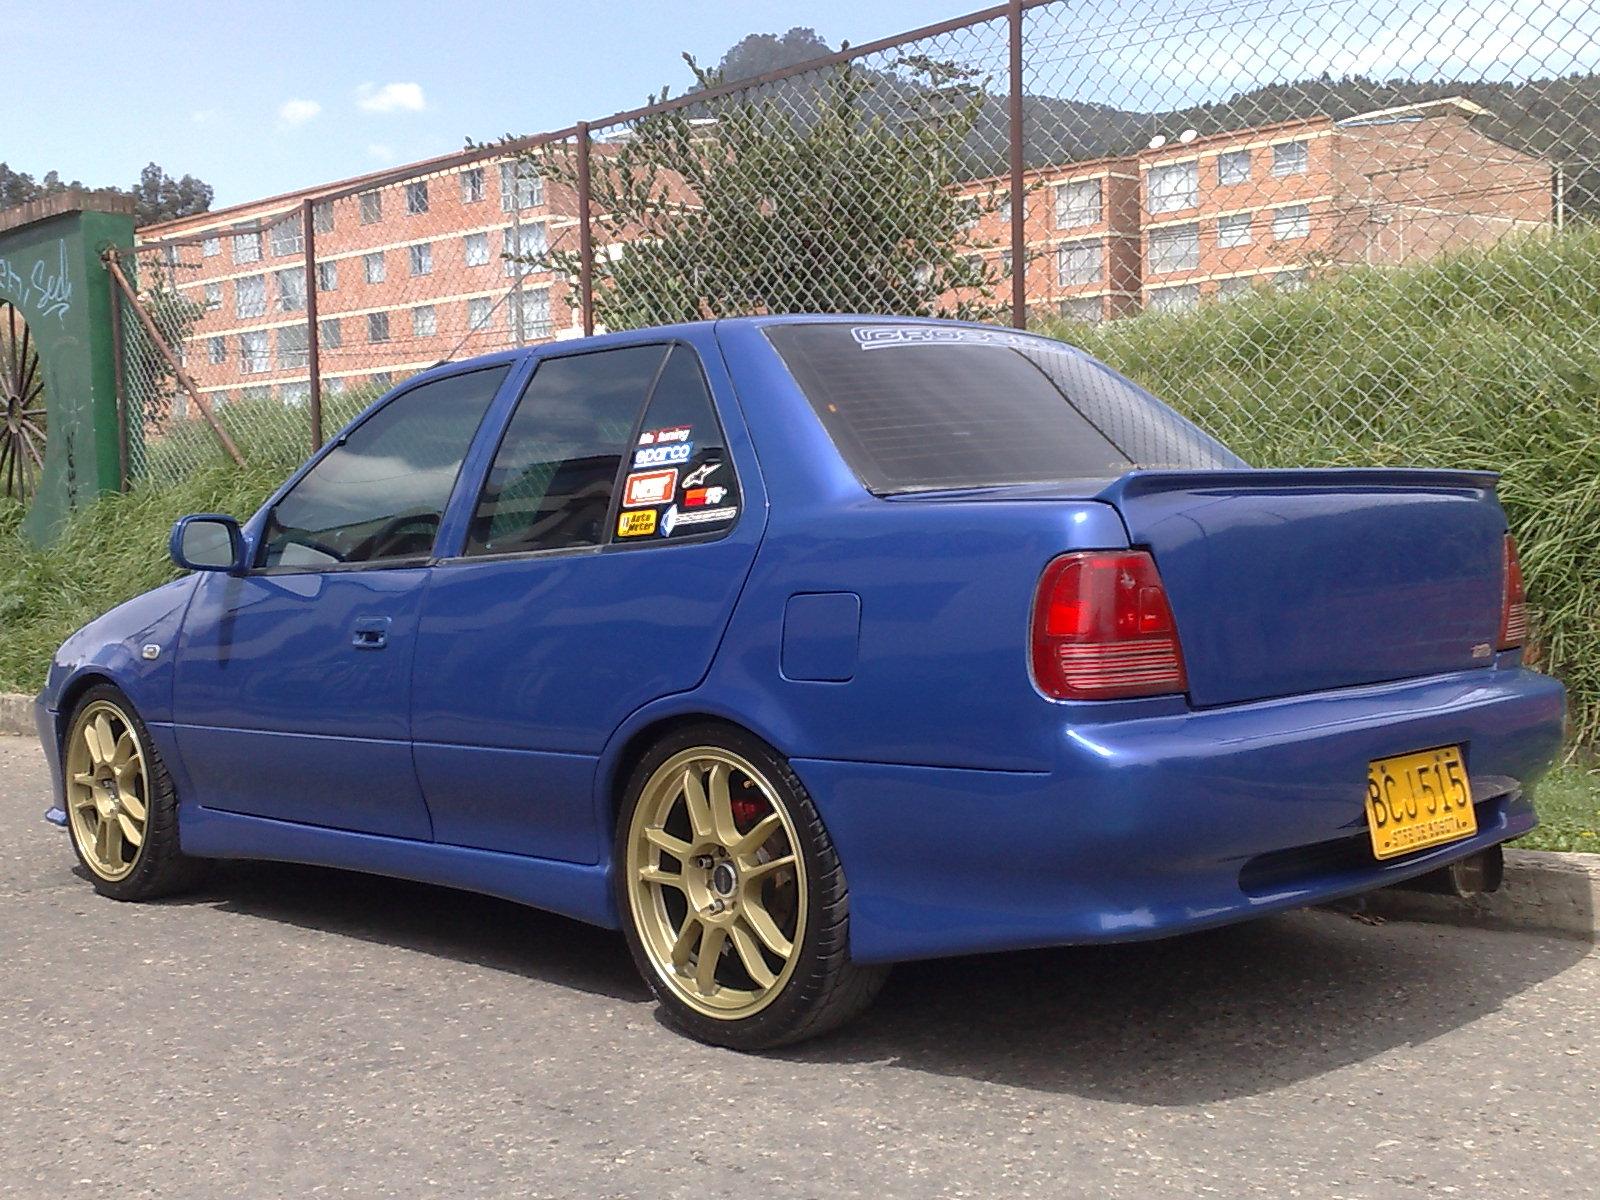 Picture of 1993 suzuki swift 4 dr gs sedan exterior